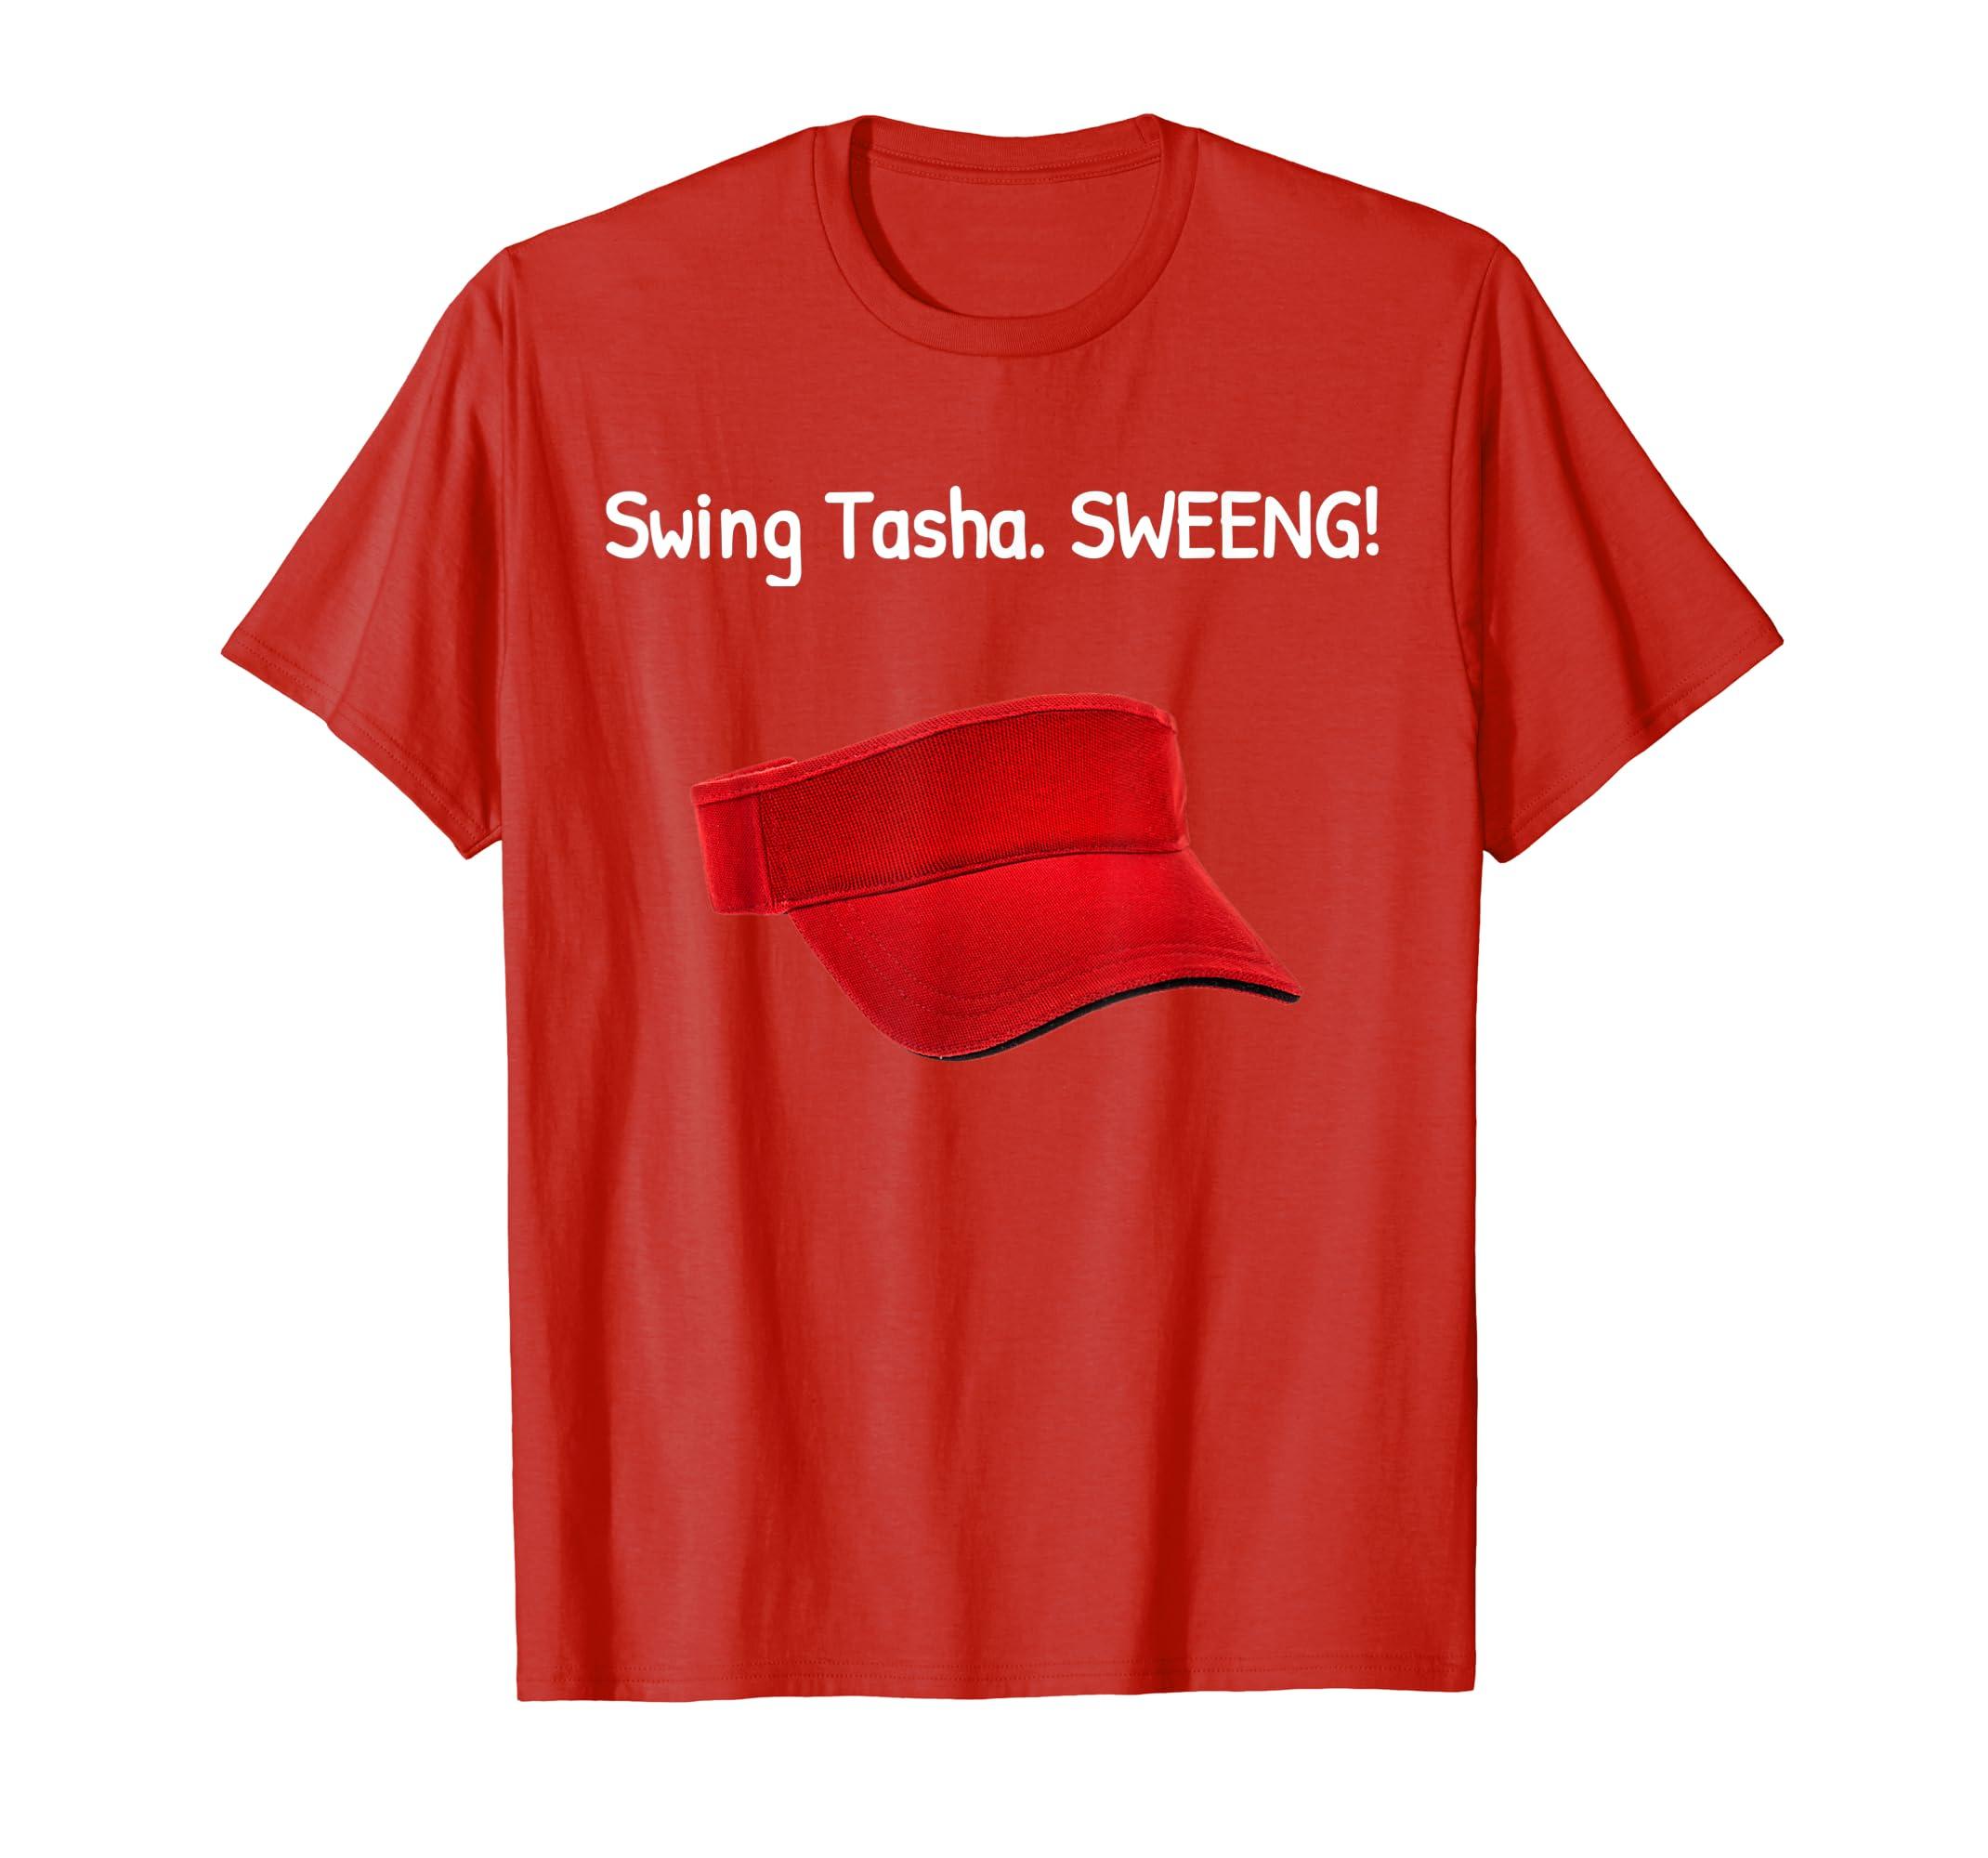 Swing Tasha. SWEENG-Teehay